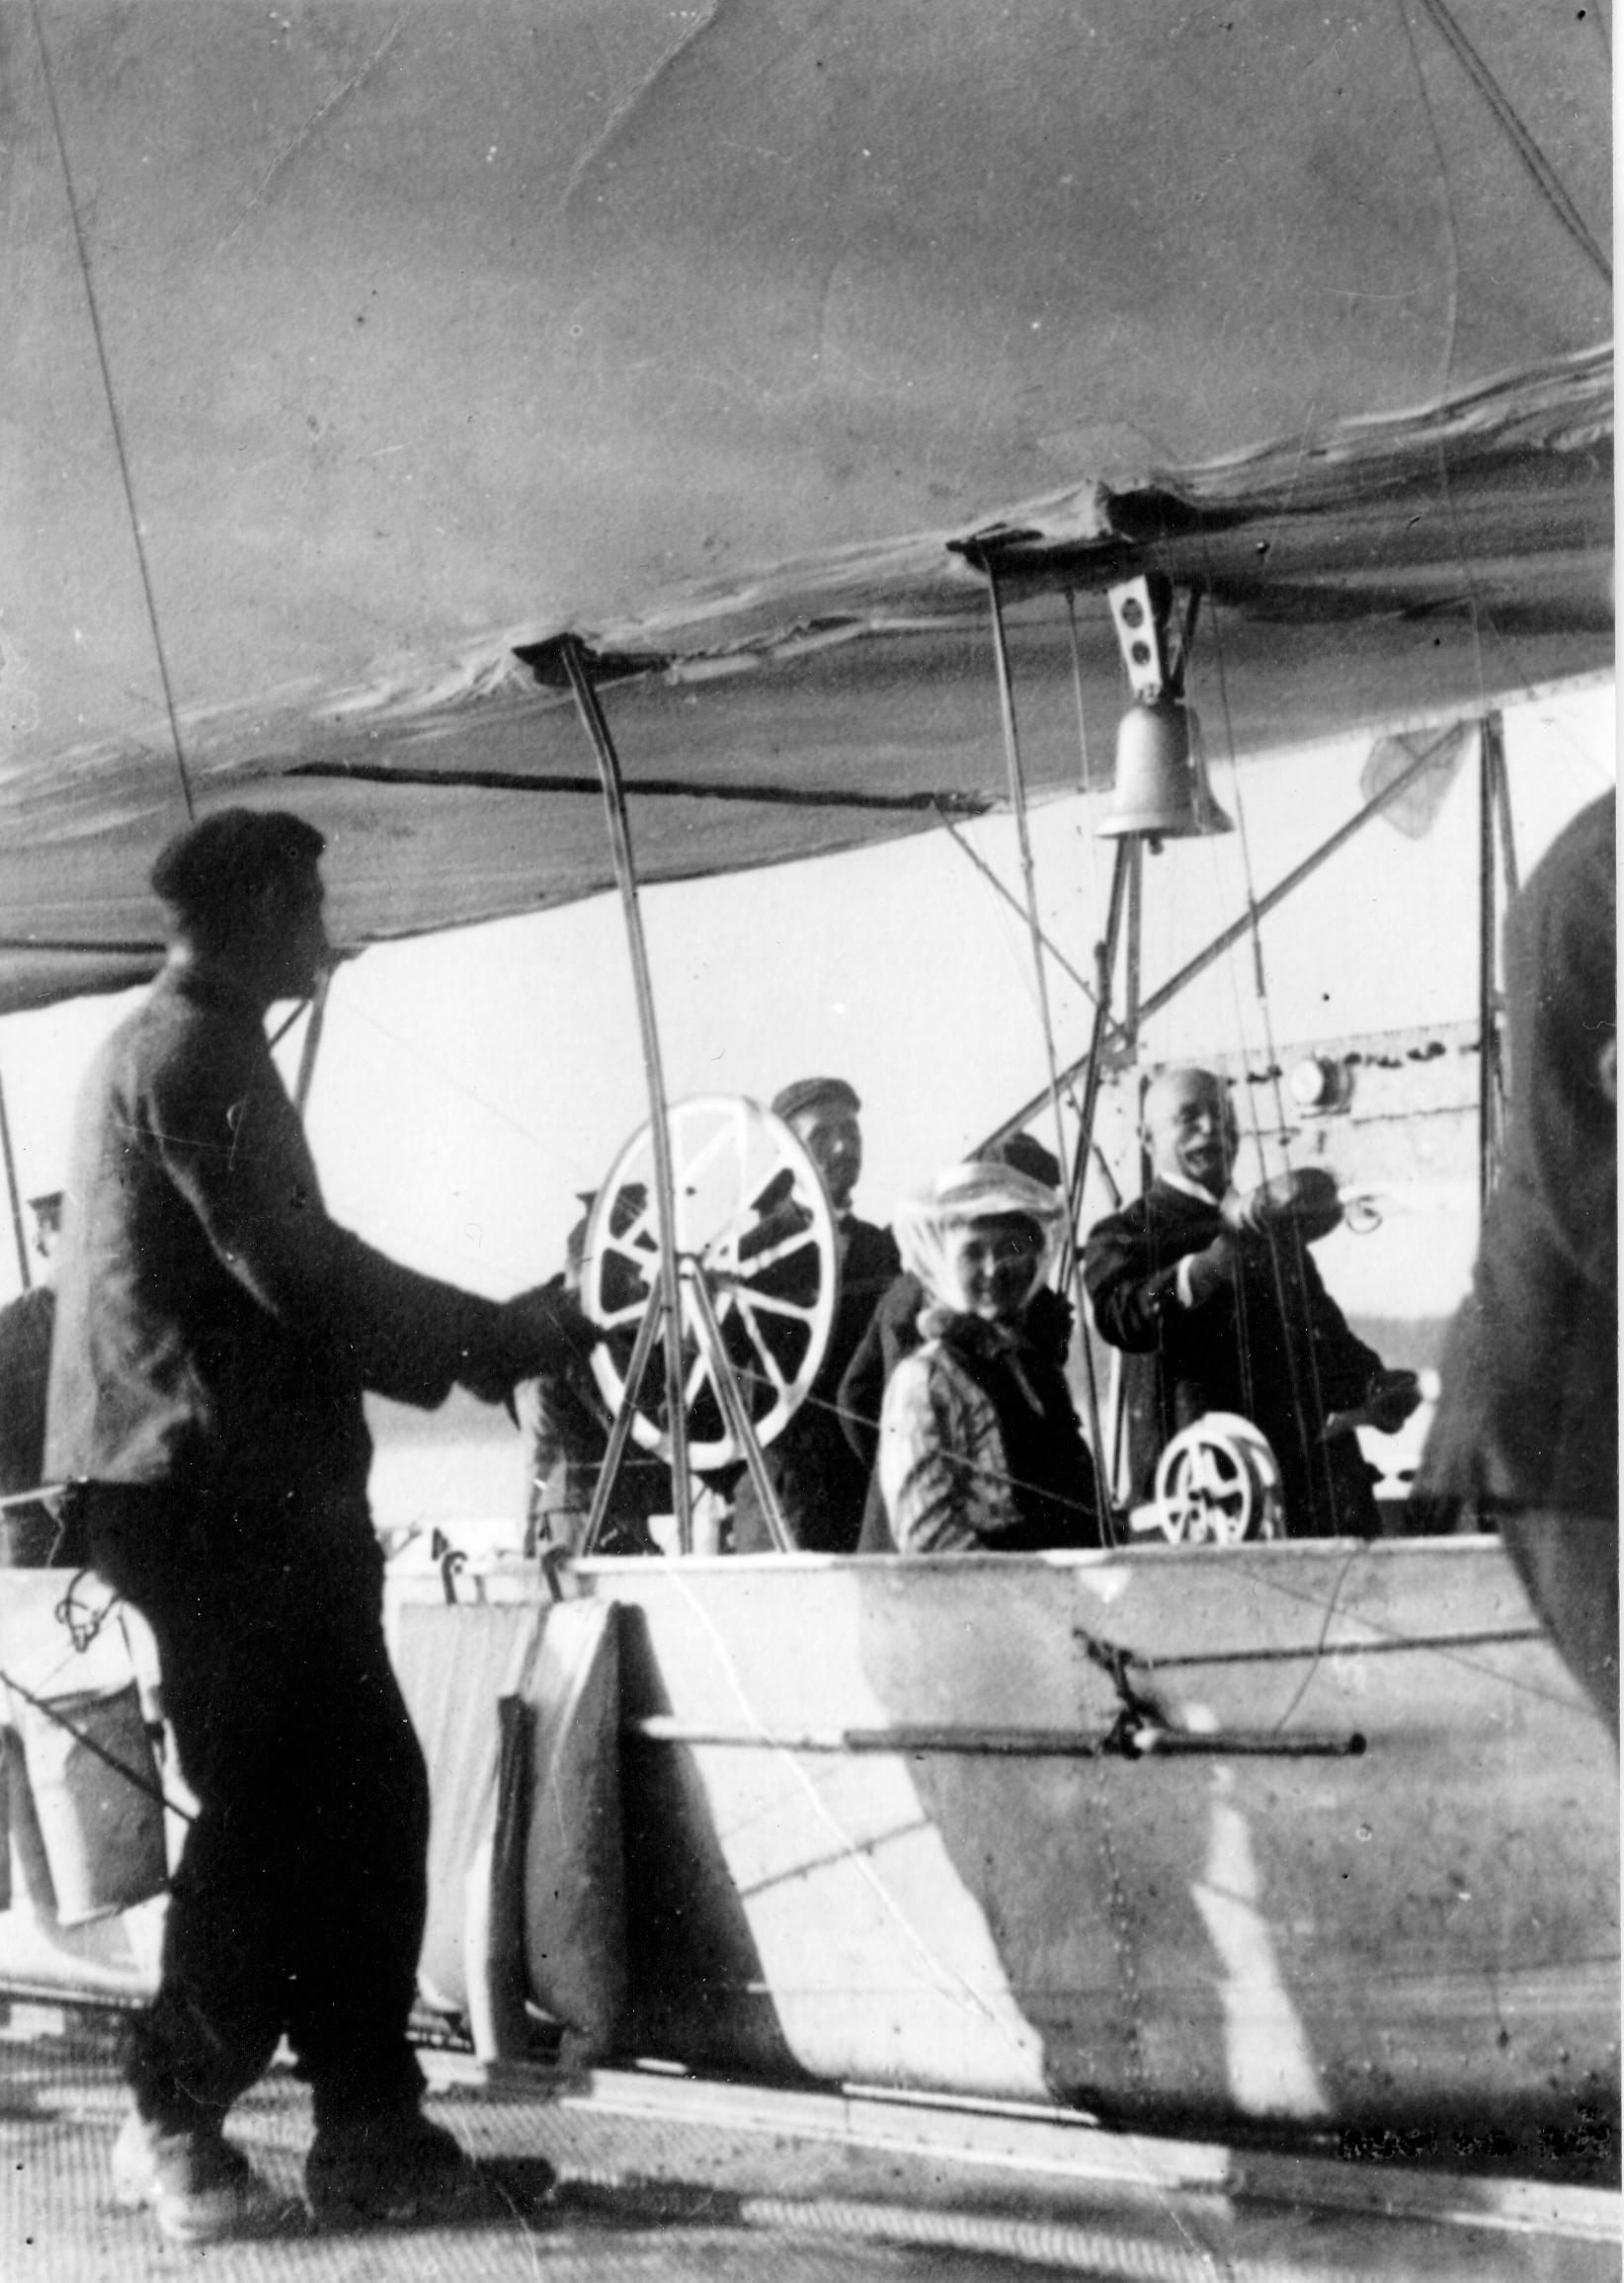 Graf Ferdinand von Zeppelin im Luftschiff © Archiv der Luftschiffbau Zeppelin GmbH